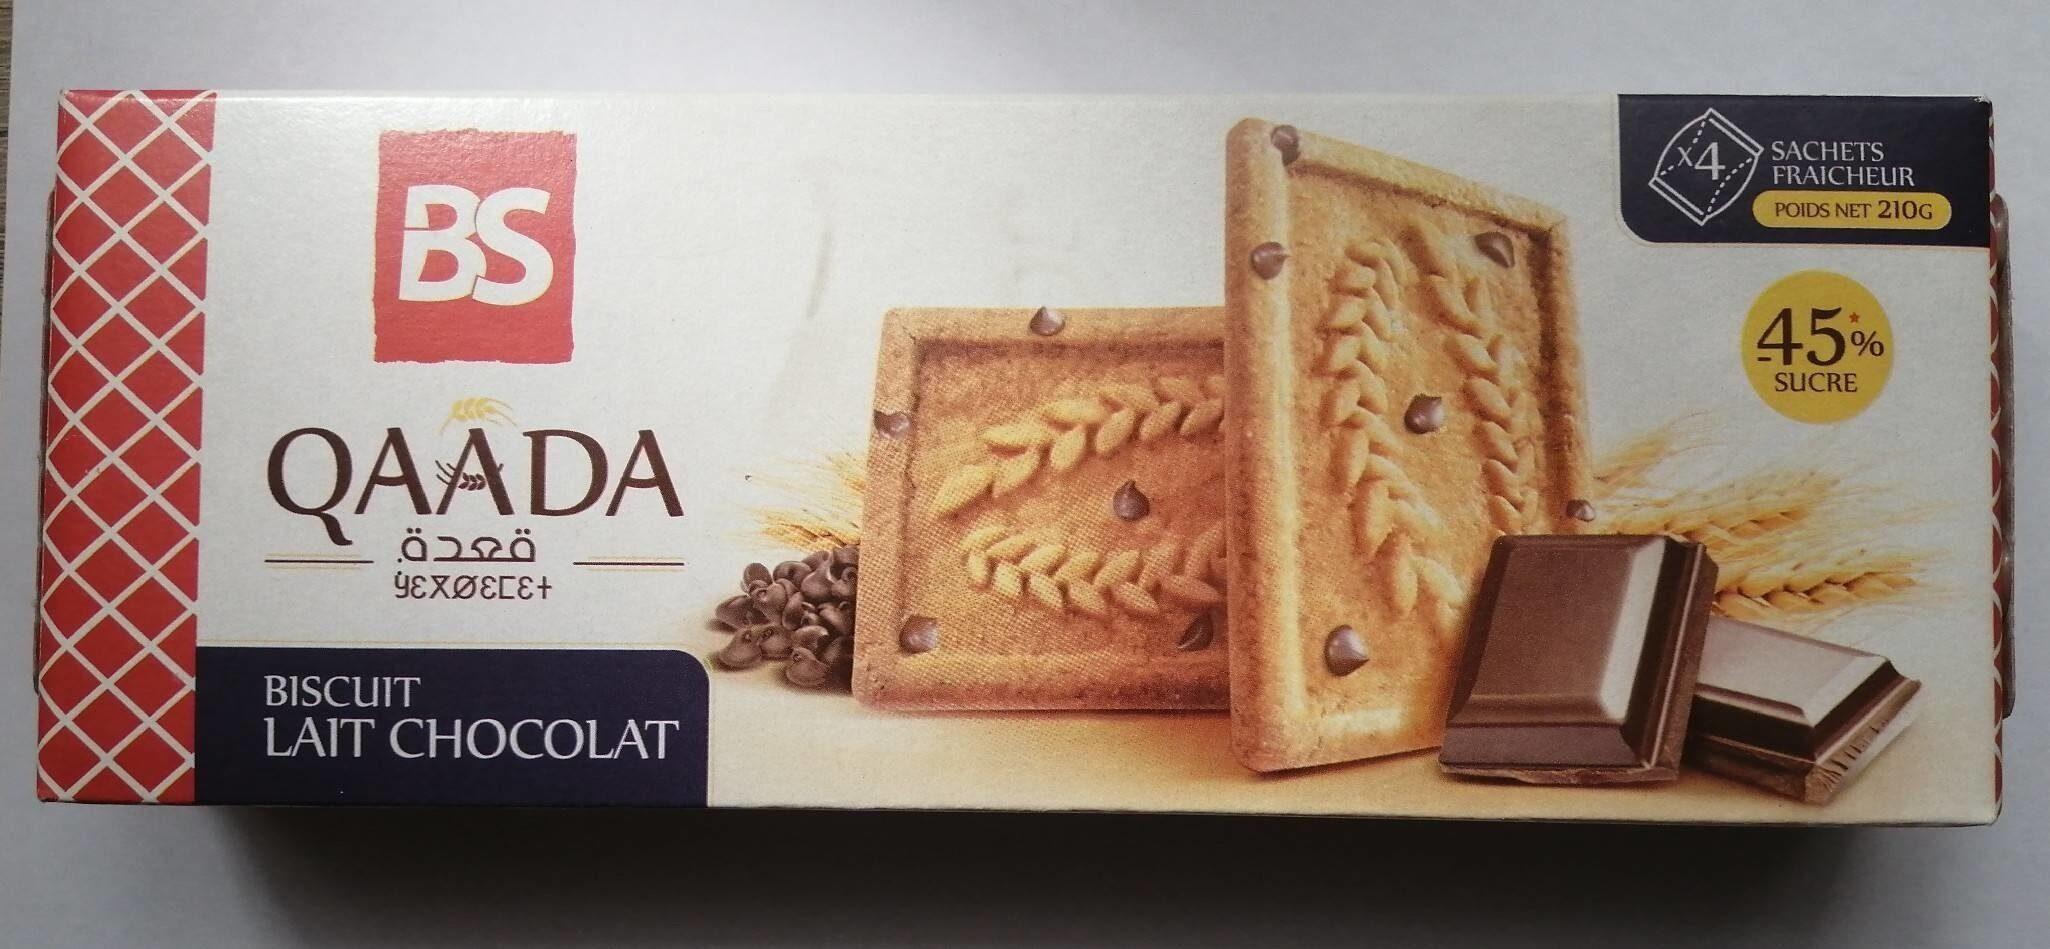 Qaâda Biscuit Lait Chocolat - Produit - fr